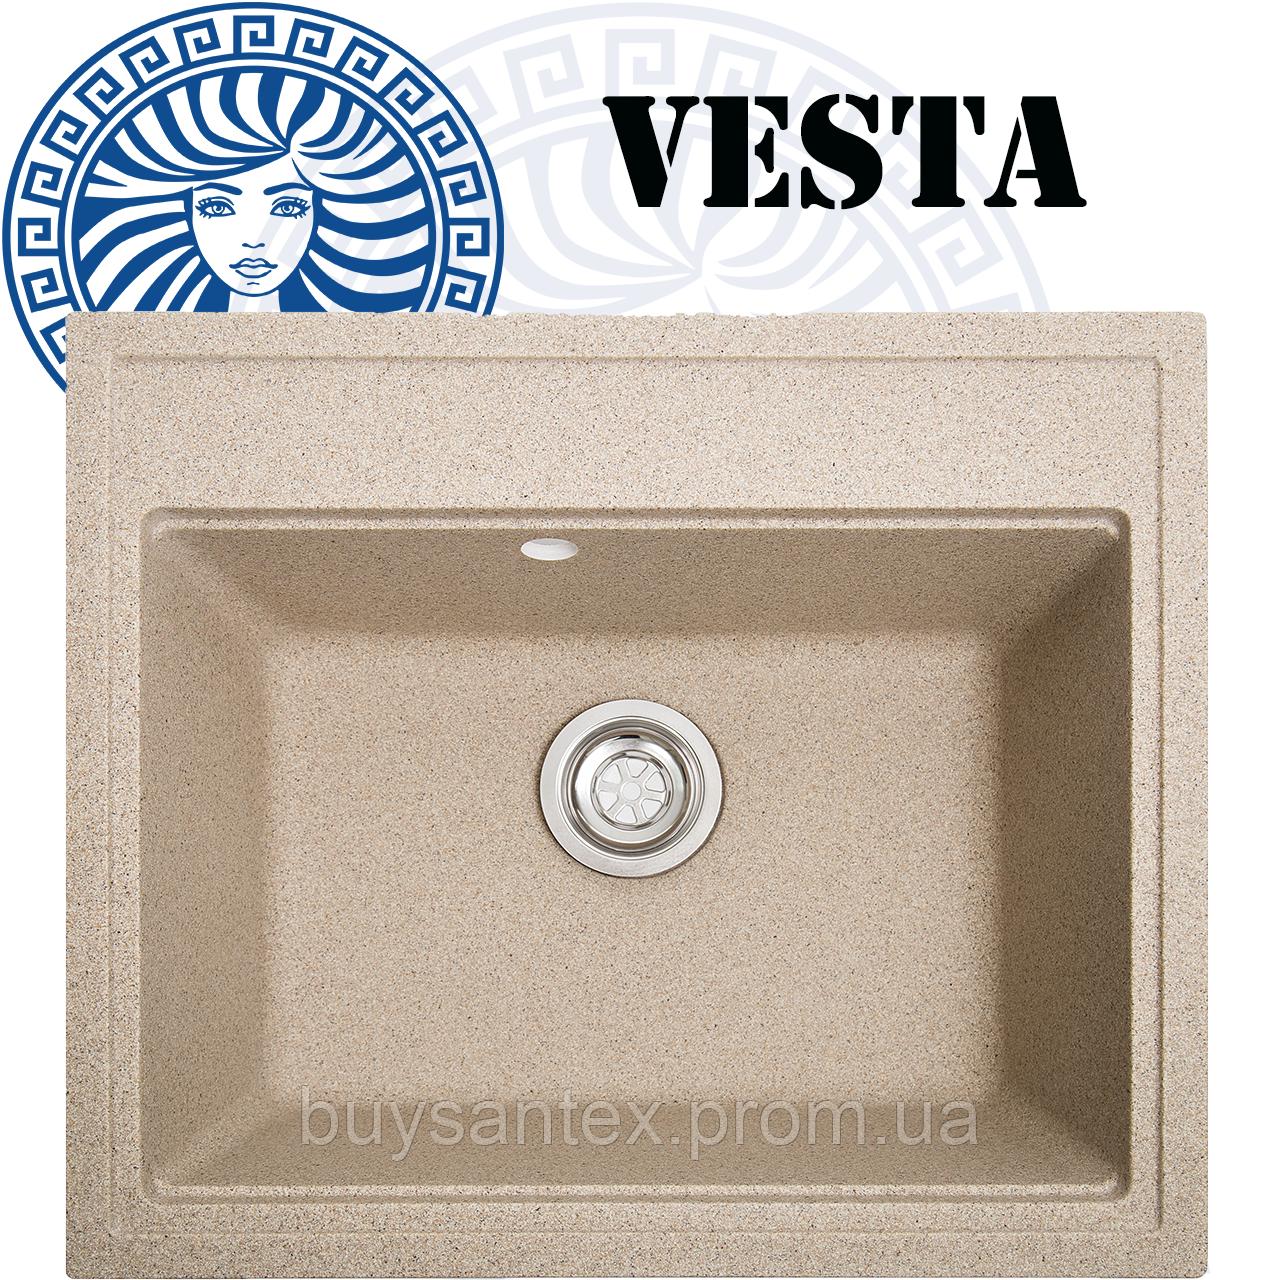 Кухонная мойка Cora - Vesta Sand